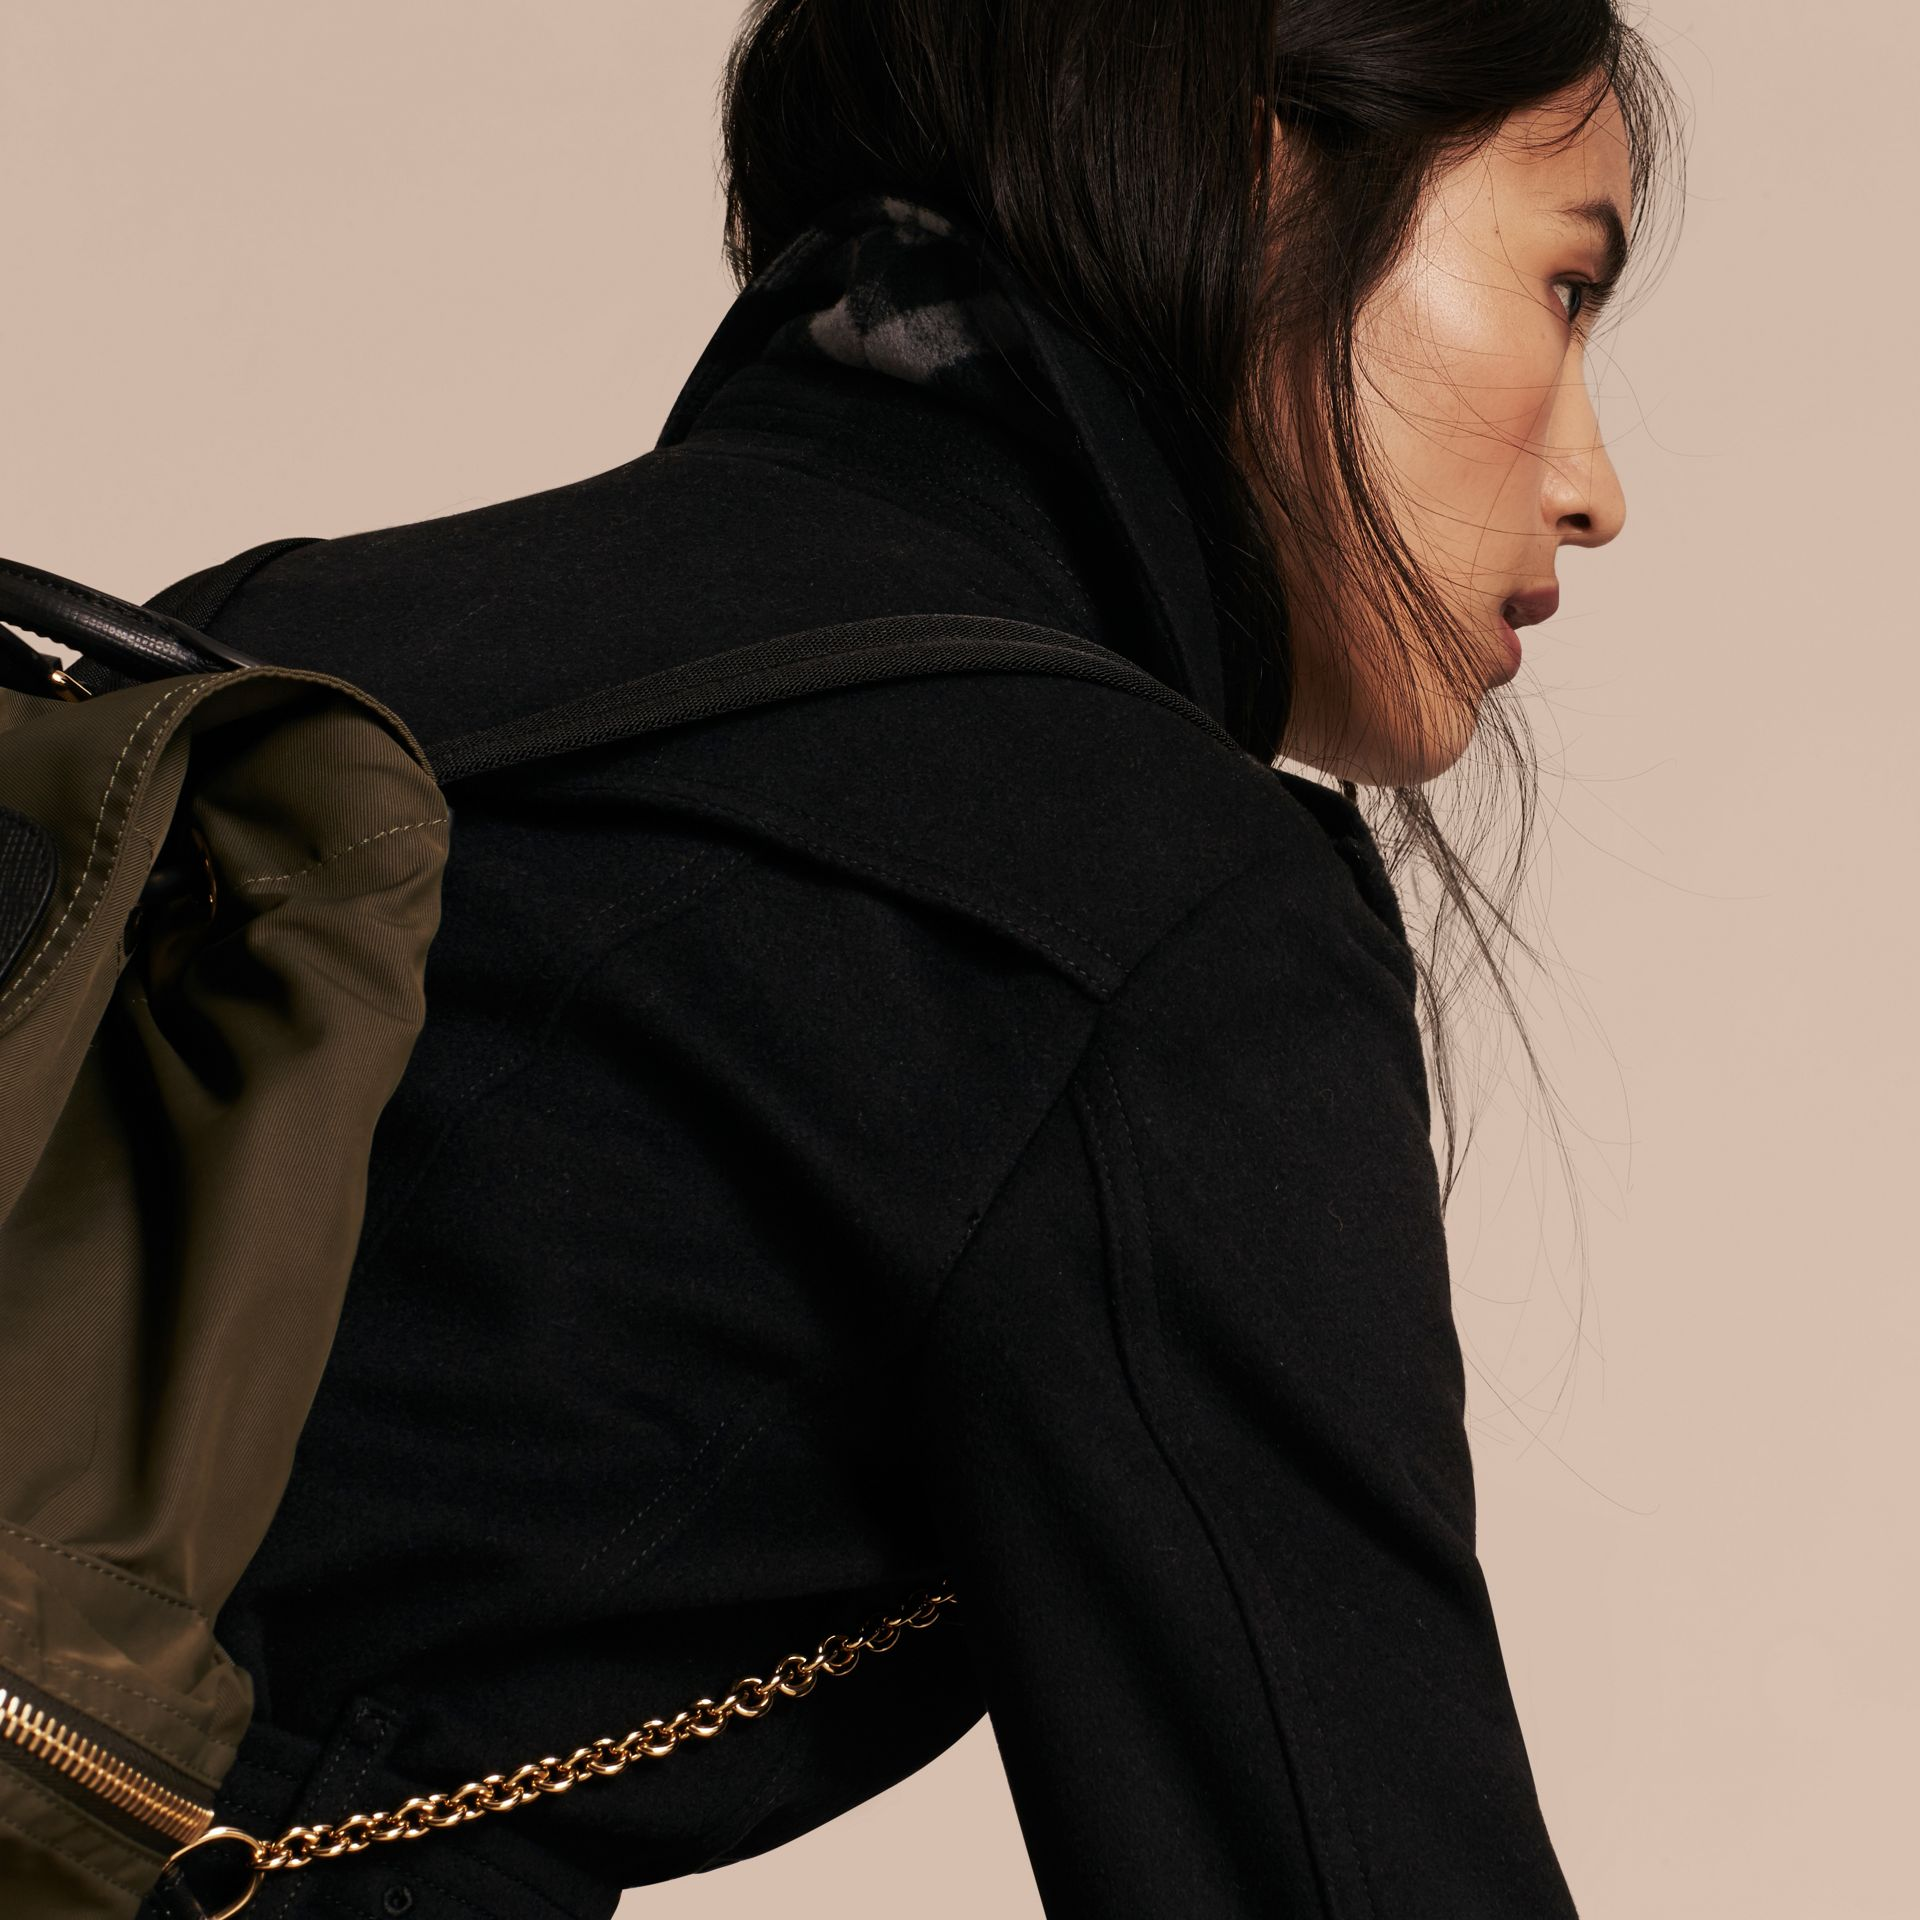 Nero Trench coat in lana e cashmere con collo in pelliccia di volpe Nero - immagine della galleria 5